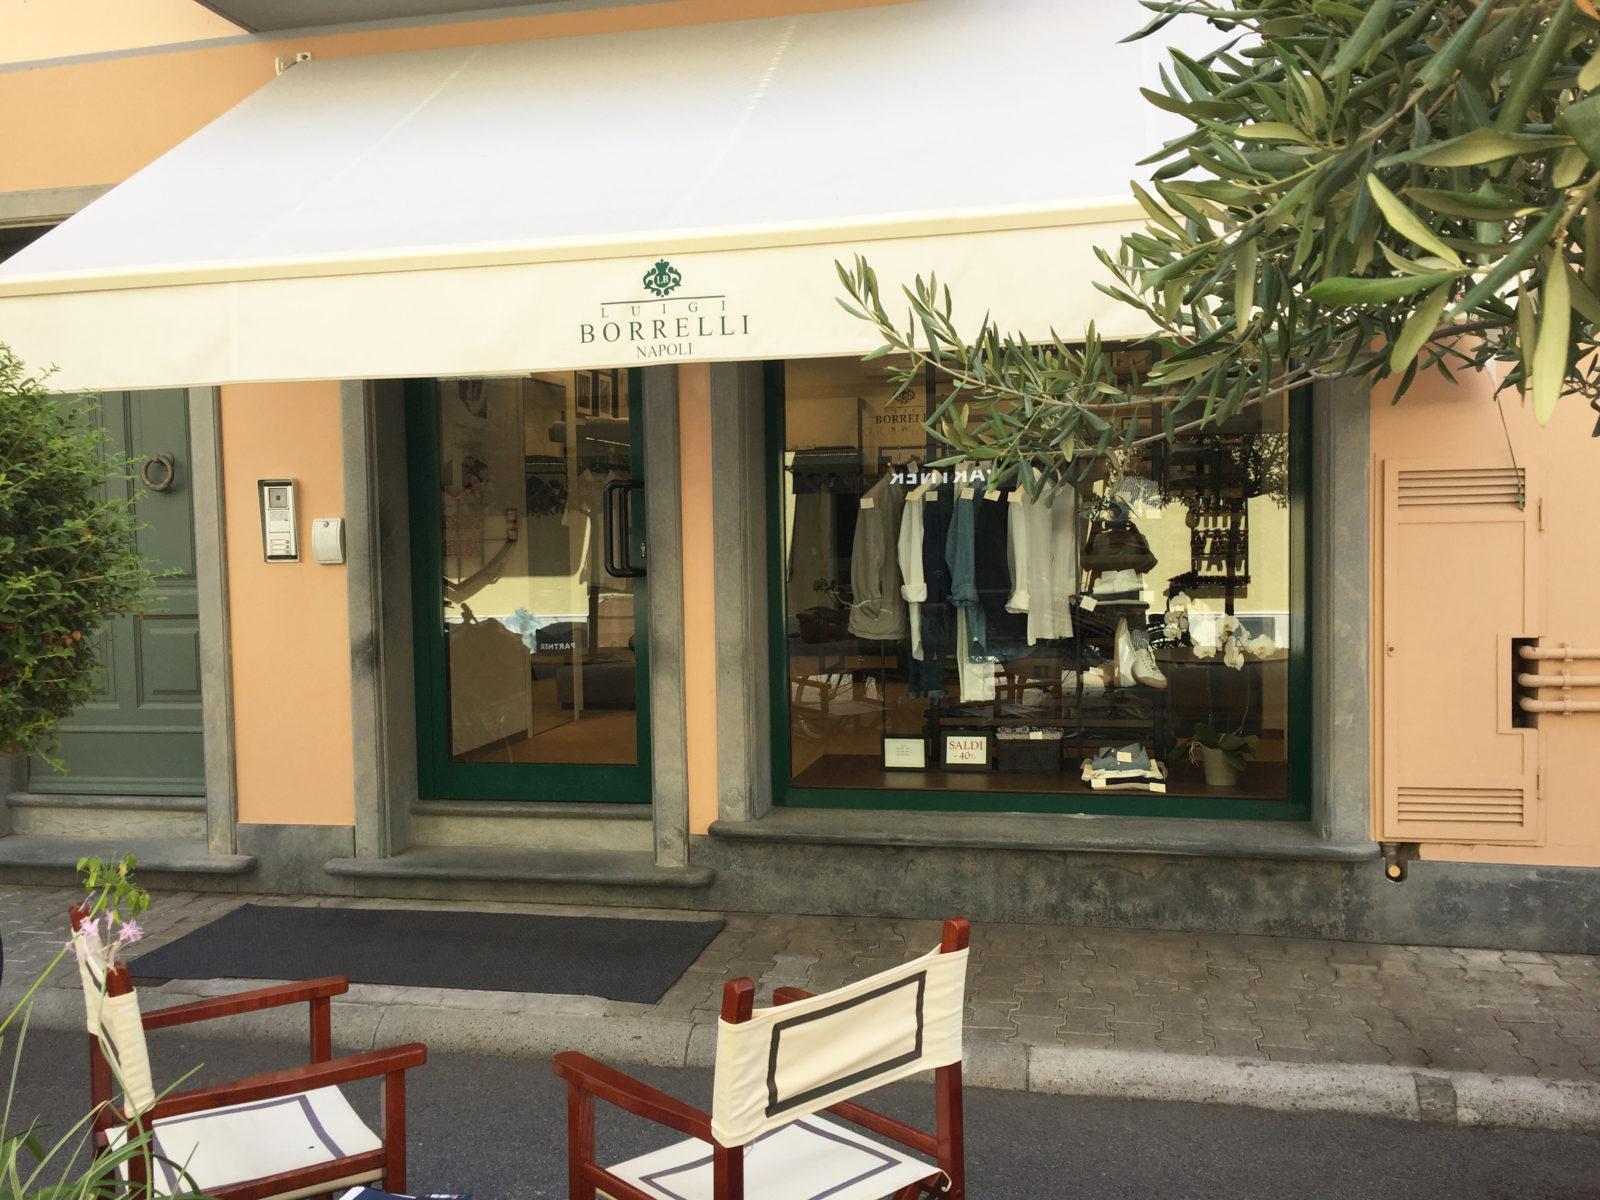 pick up d35cf 1cff2 Guida ai migliori negozi di Forte dei Marmi - Dalahi Ortiz ...